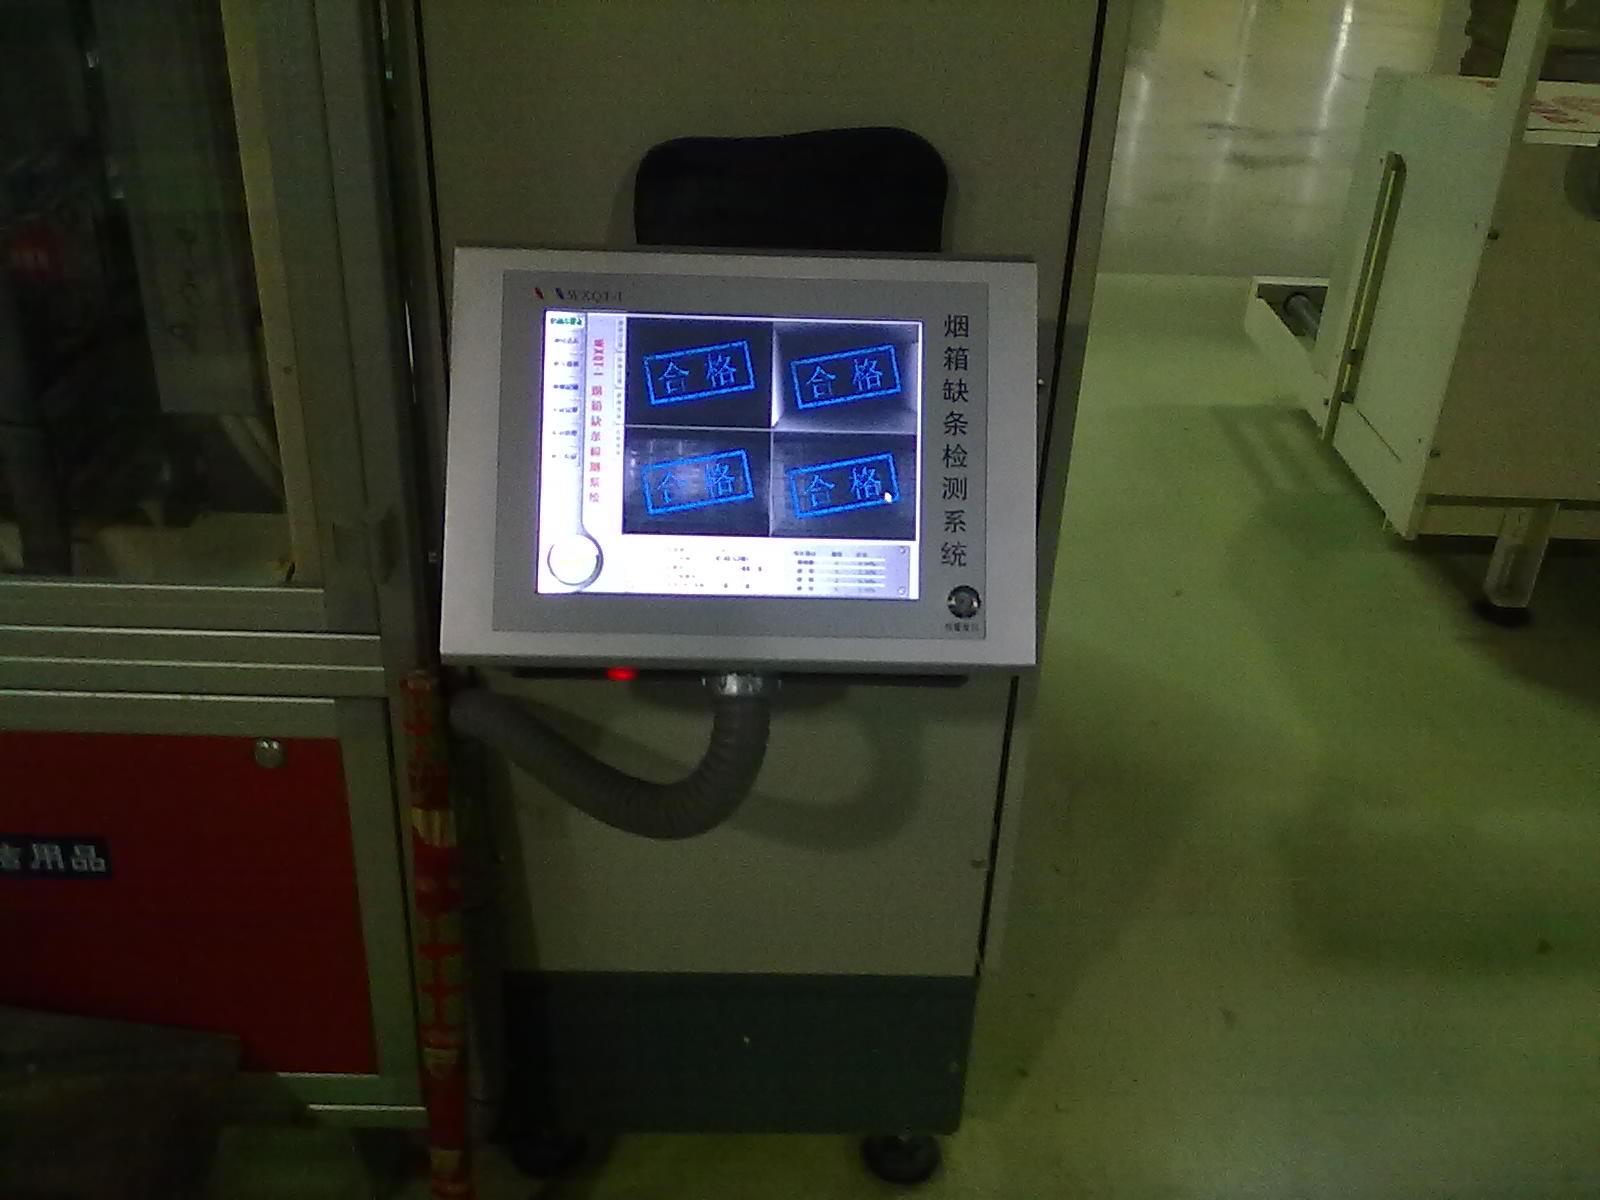 文采產品手冊-WXQT煙箱缺條-煙箱外觀檢測裝置V2.0-27